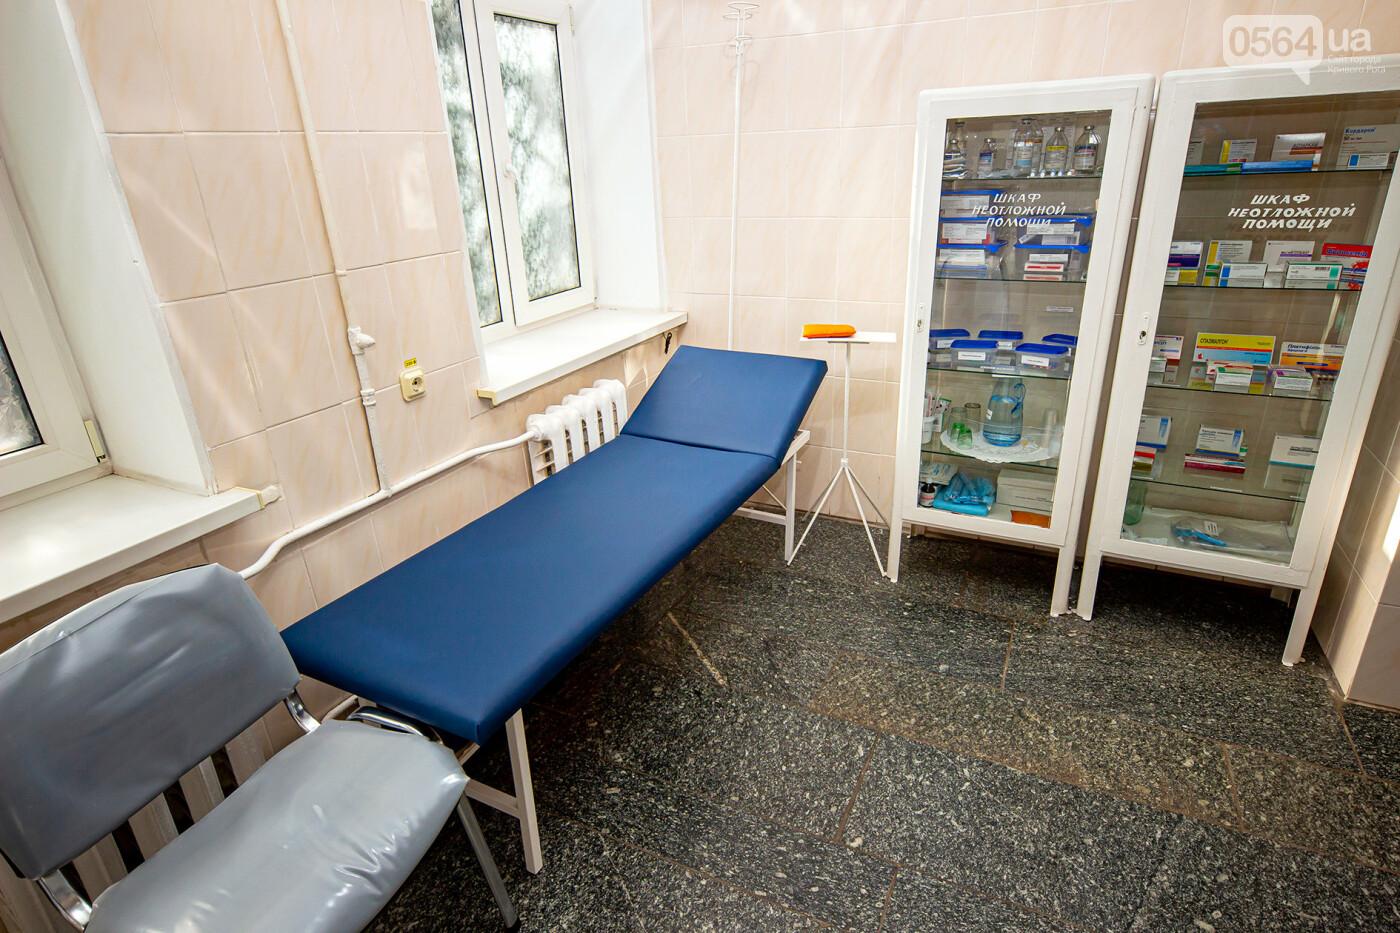 Метинвест приобрел новое медоборудование для обслуживания работников СевГОКа, фото-5